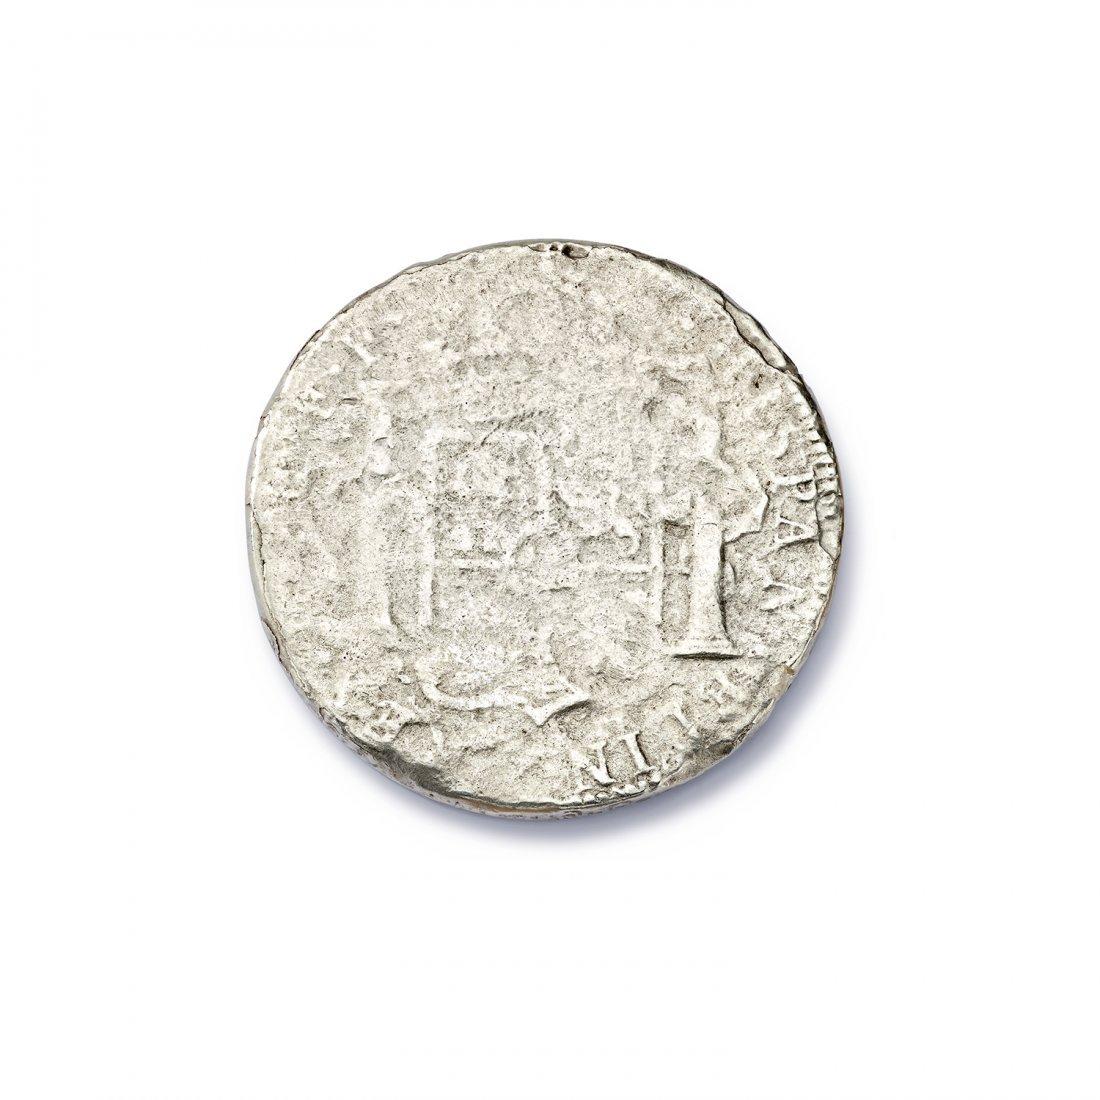 El Cazador Silver Reales Coin - 2